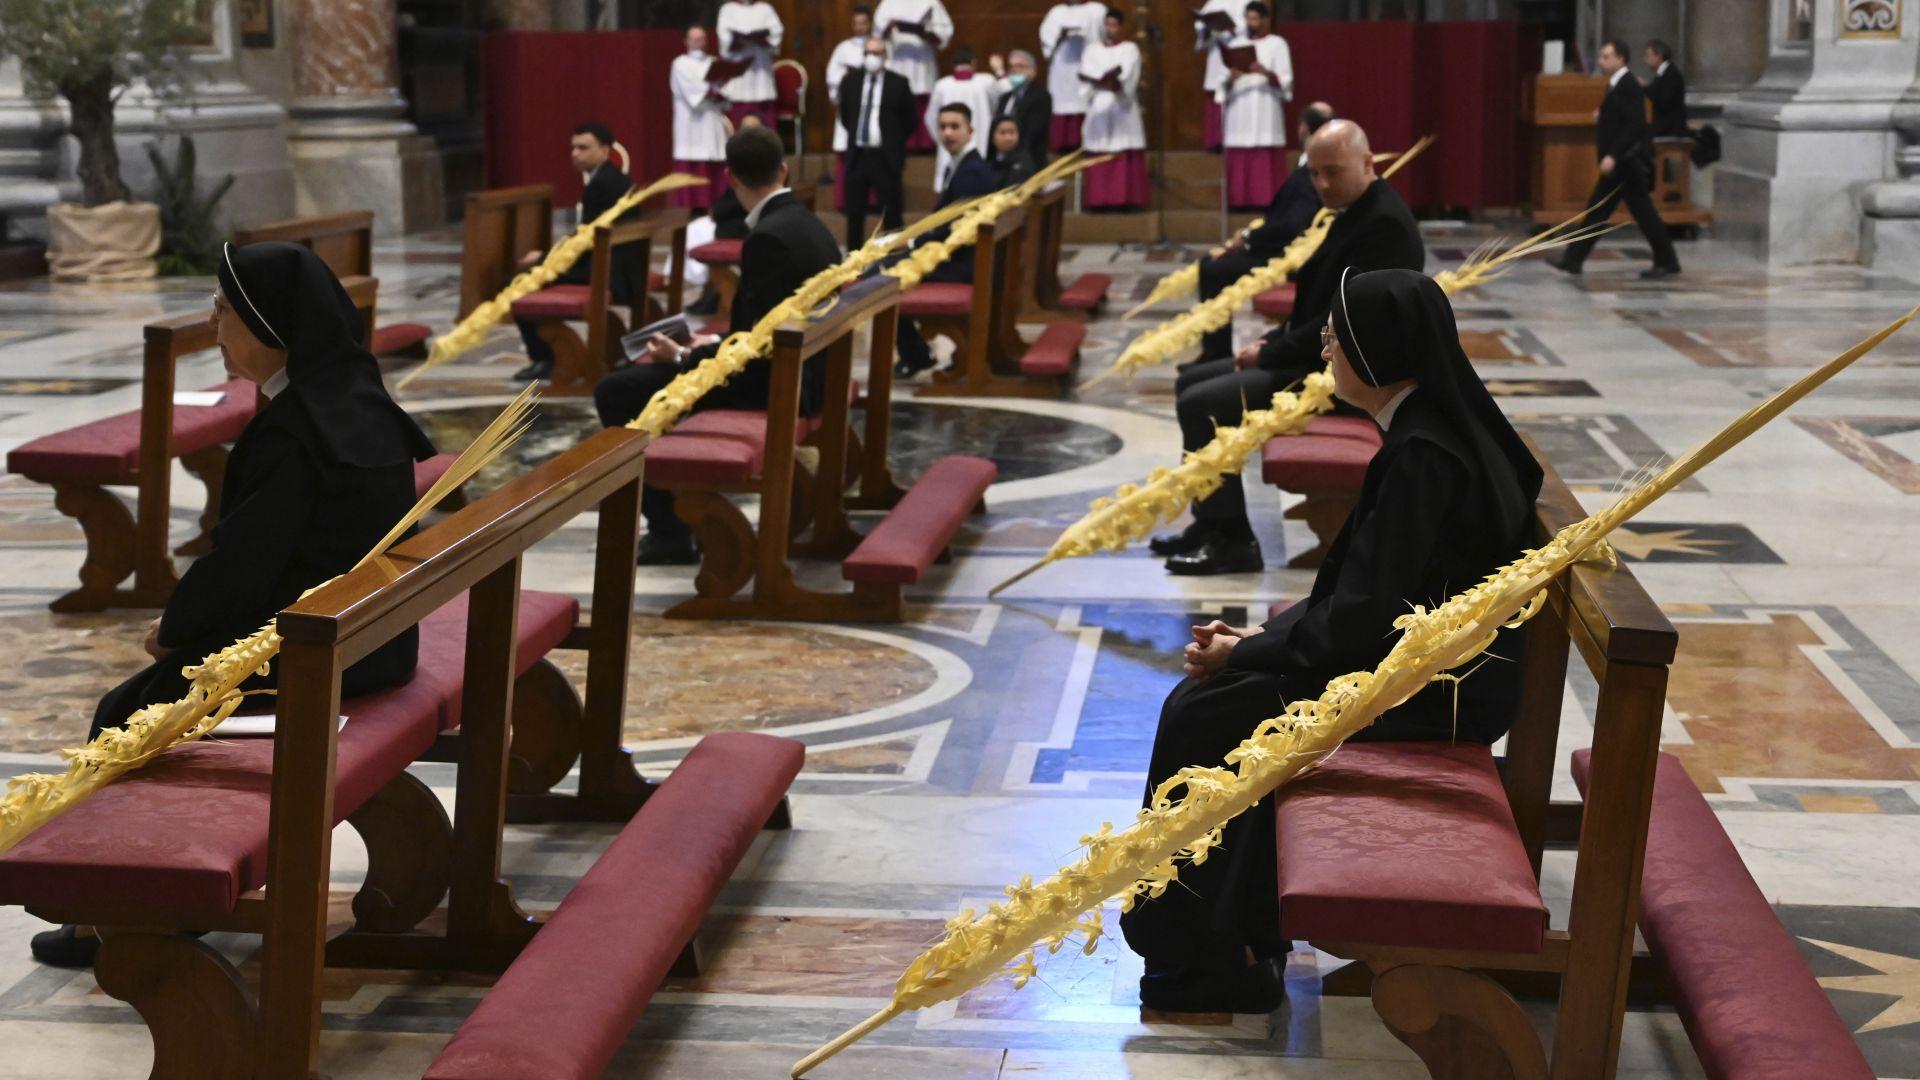 Папа Франциск, главата на Римокатолическата църква, отслужи днес необичайна литургия